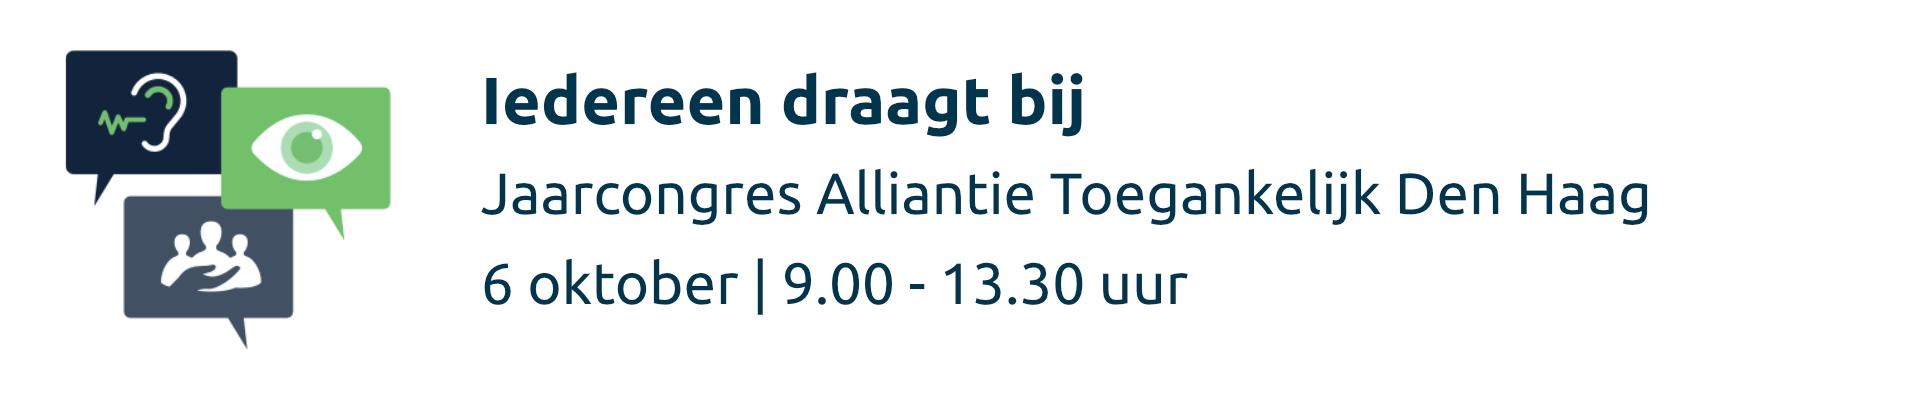 Jaarcongres Alliantie Toegankelijk Den Haag: Iedereen draagt bij